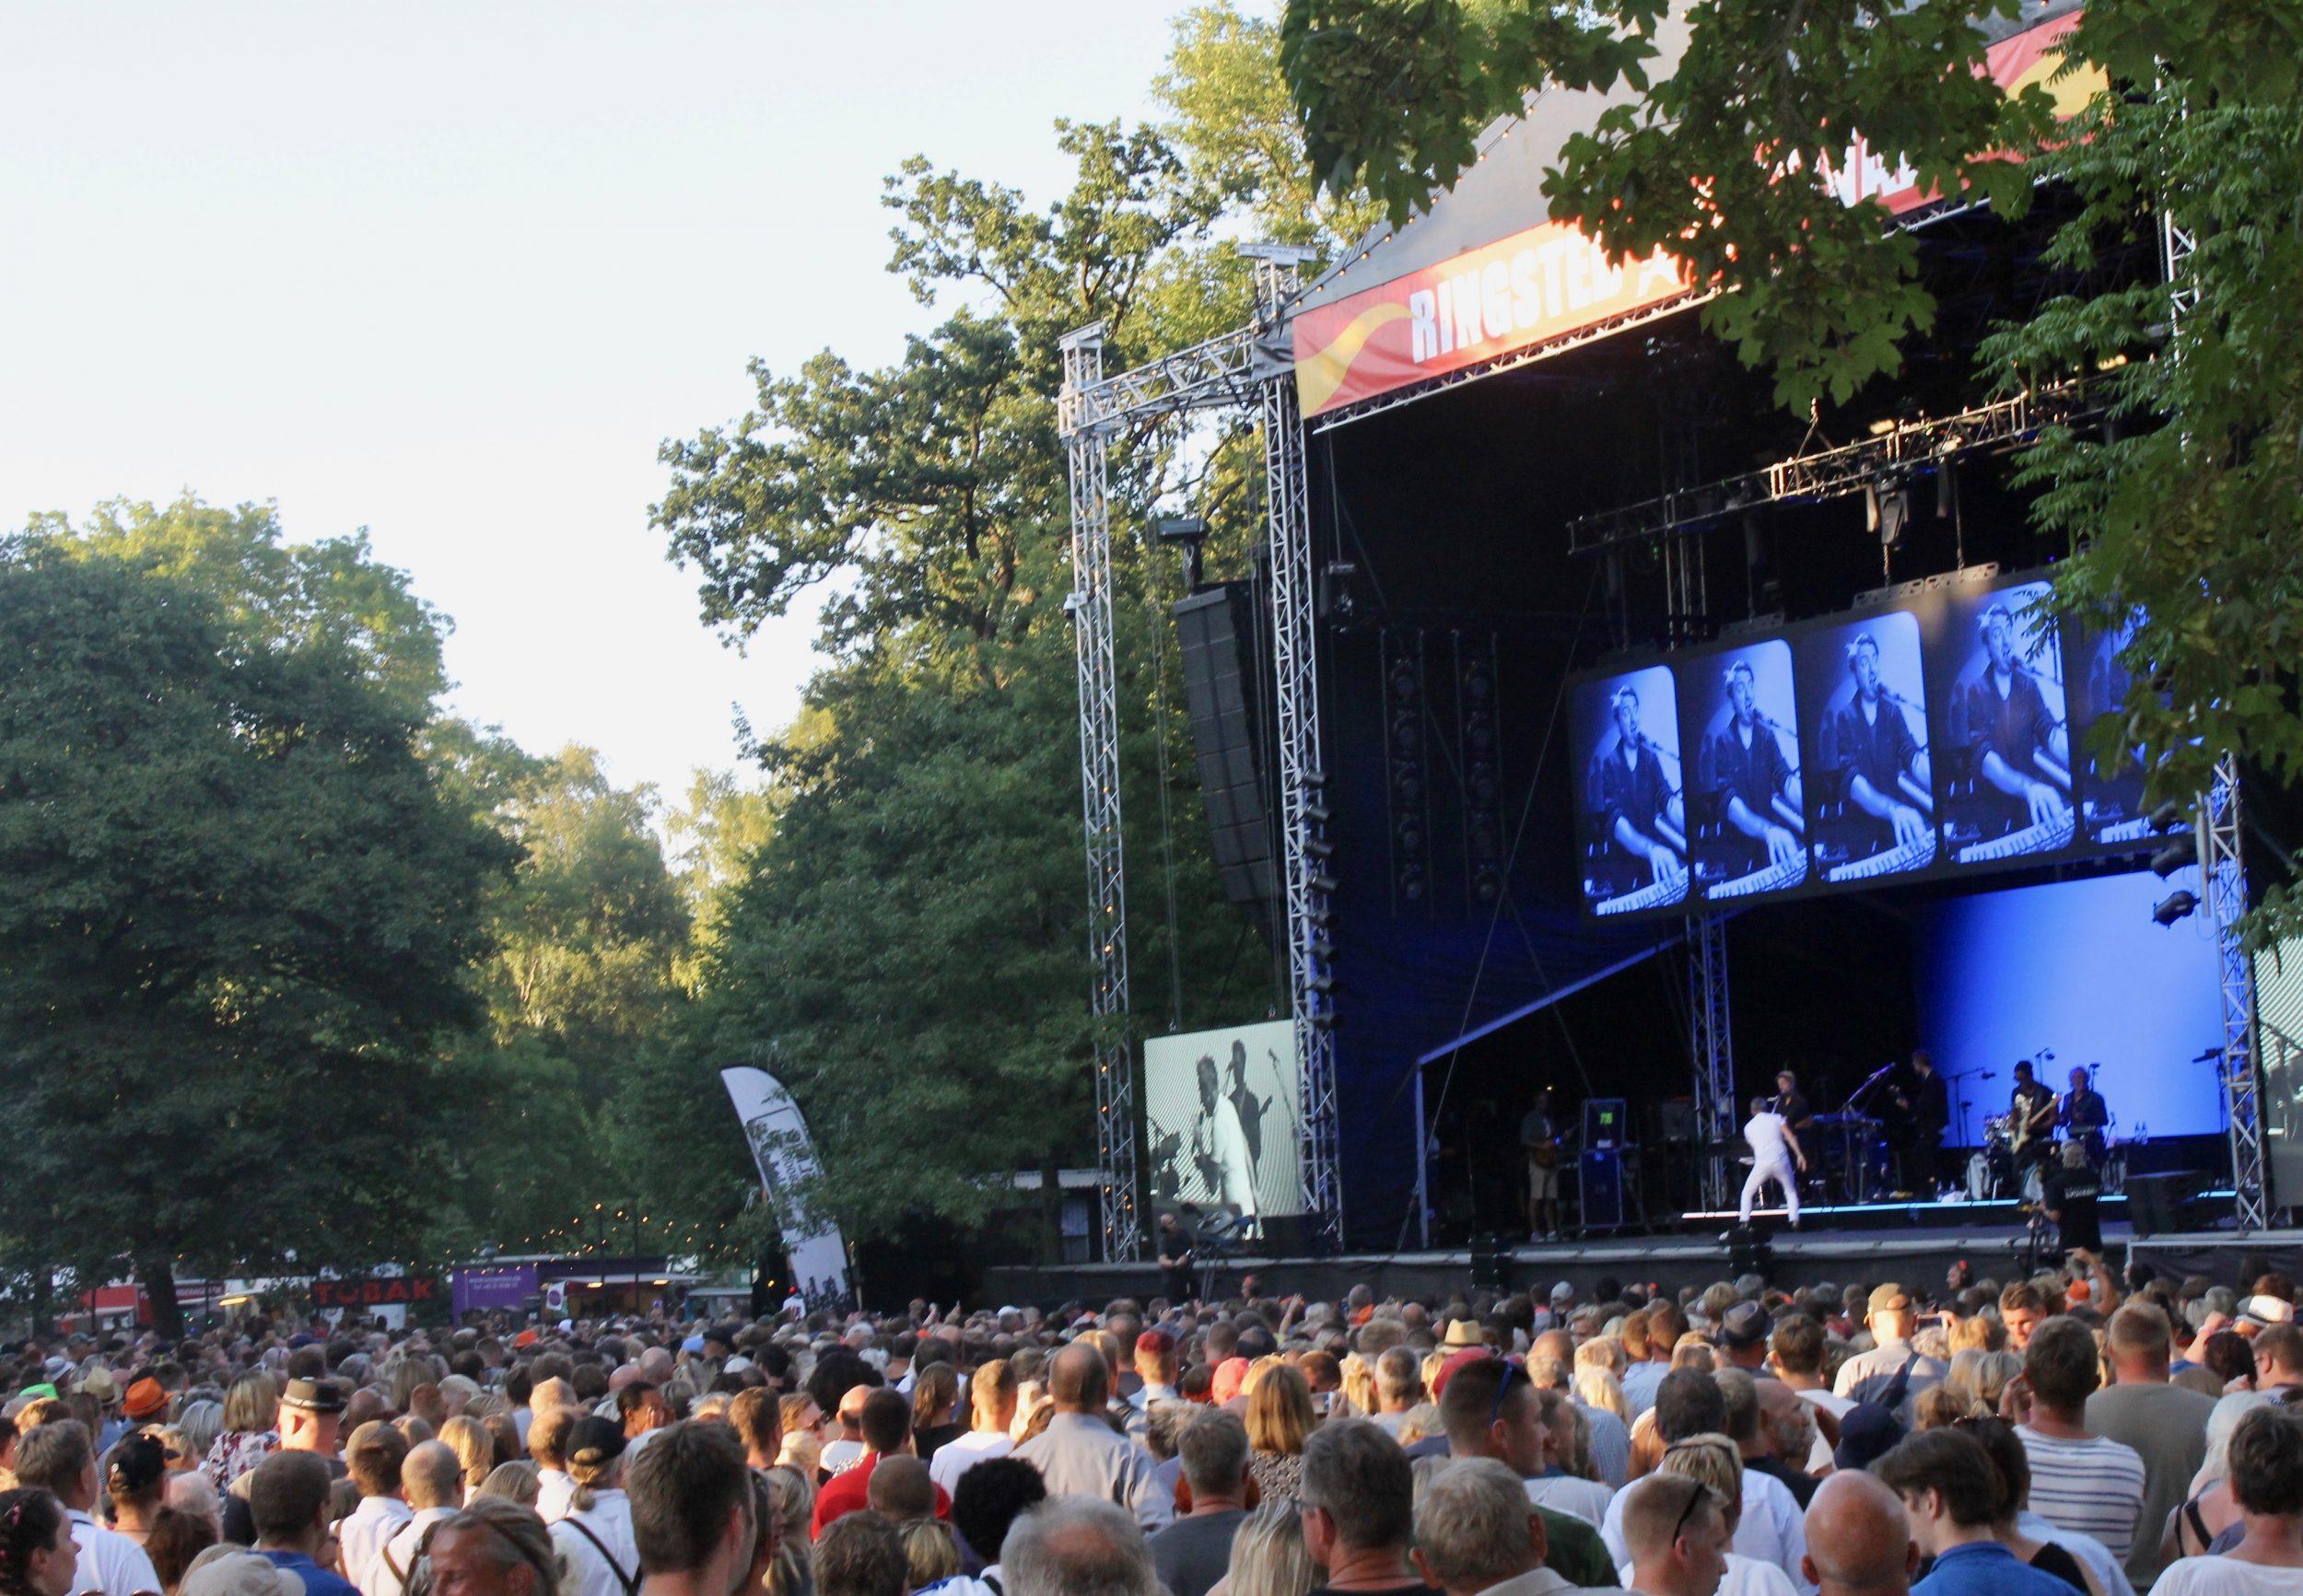 Skriv dig på venteliste til Ringsted Festival 2022!